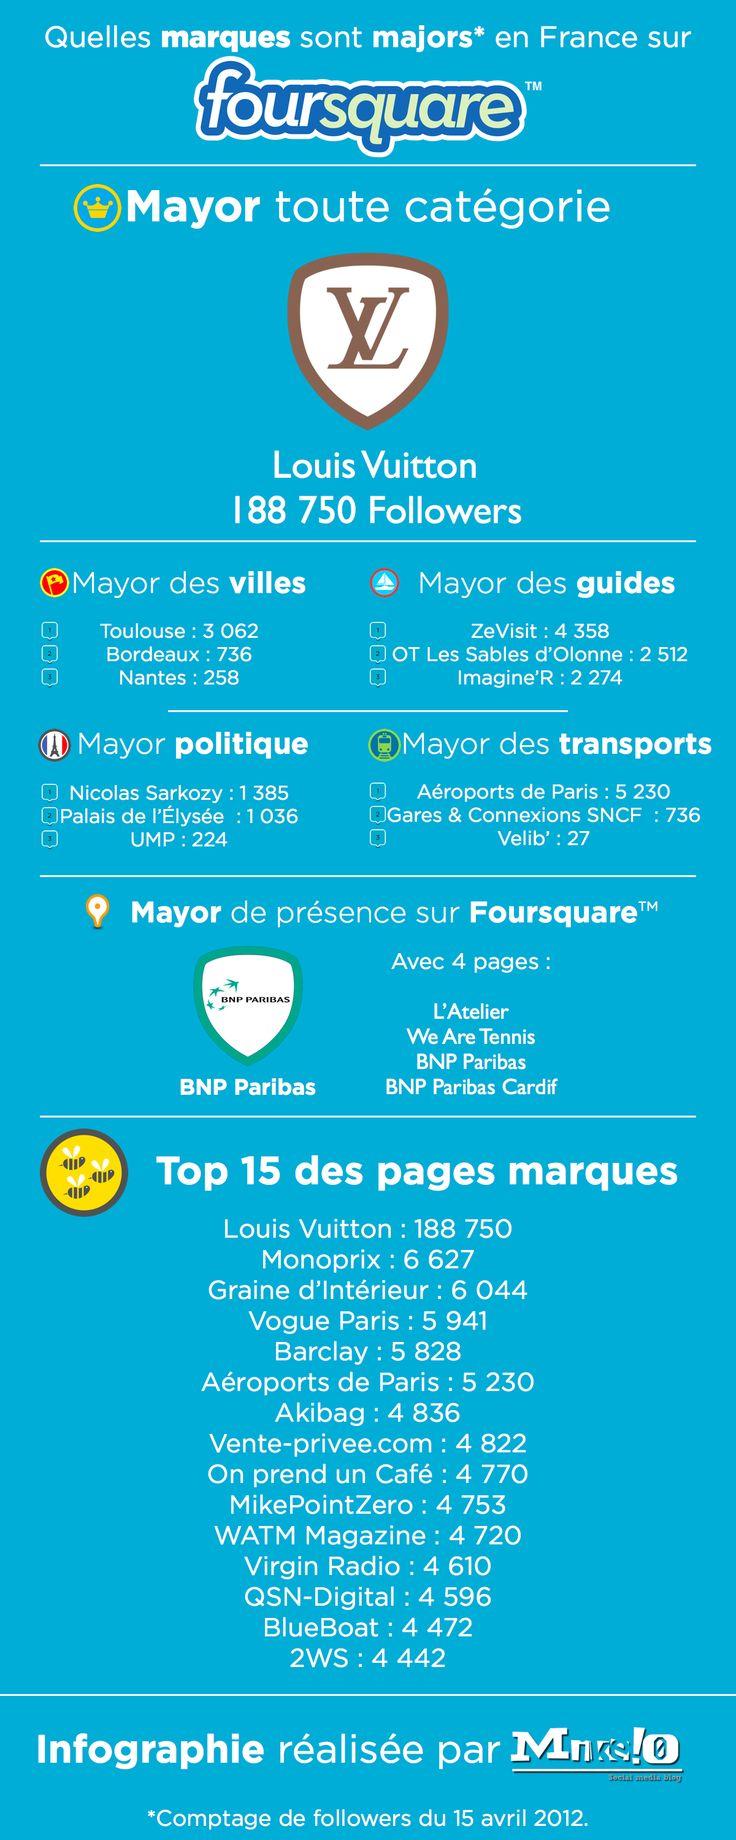 Les marques francaises sur #Foursquare [infographie]